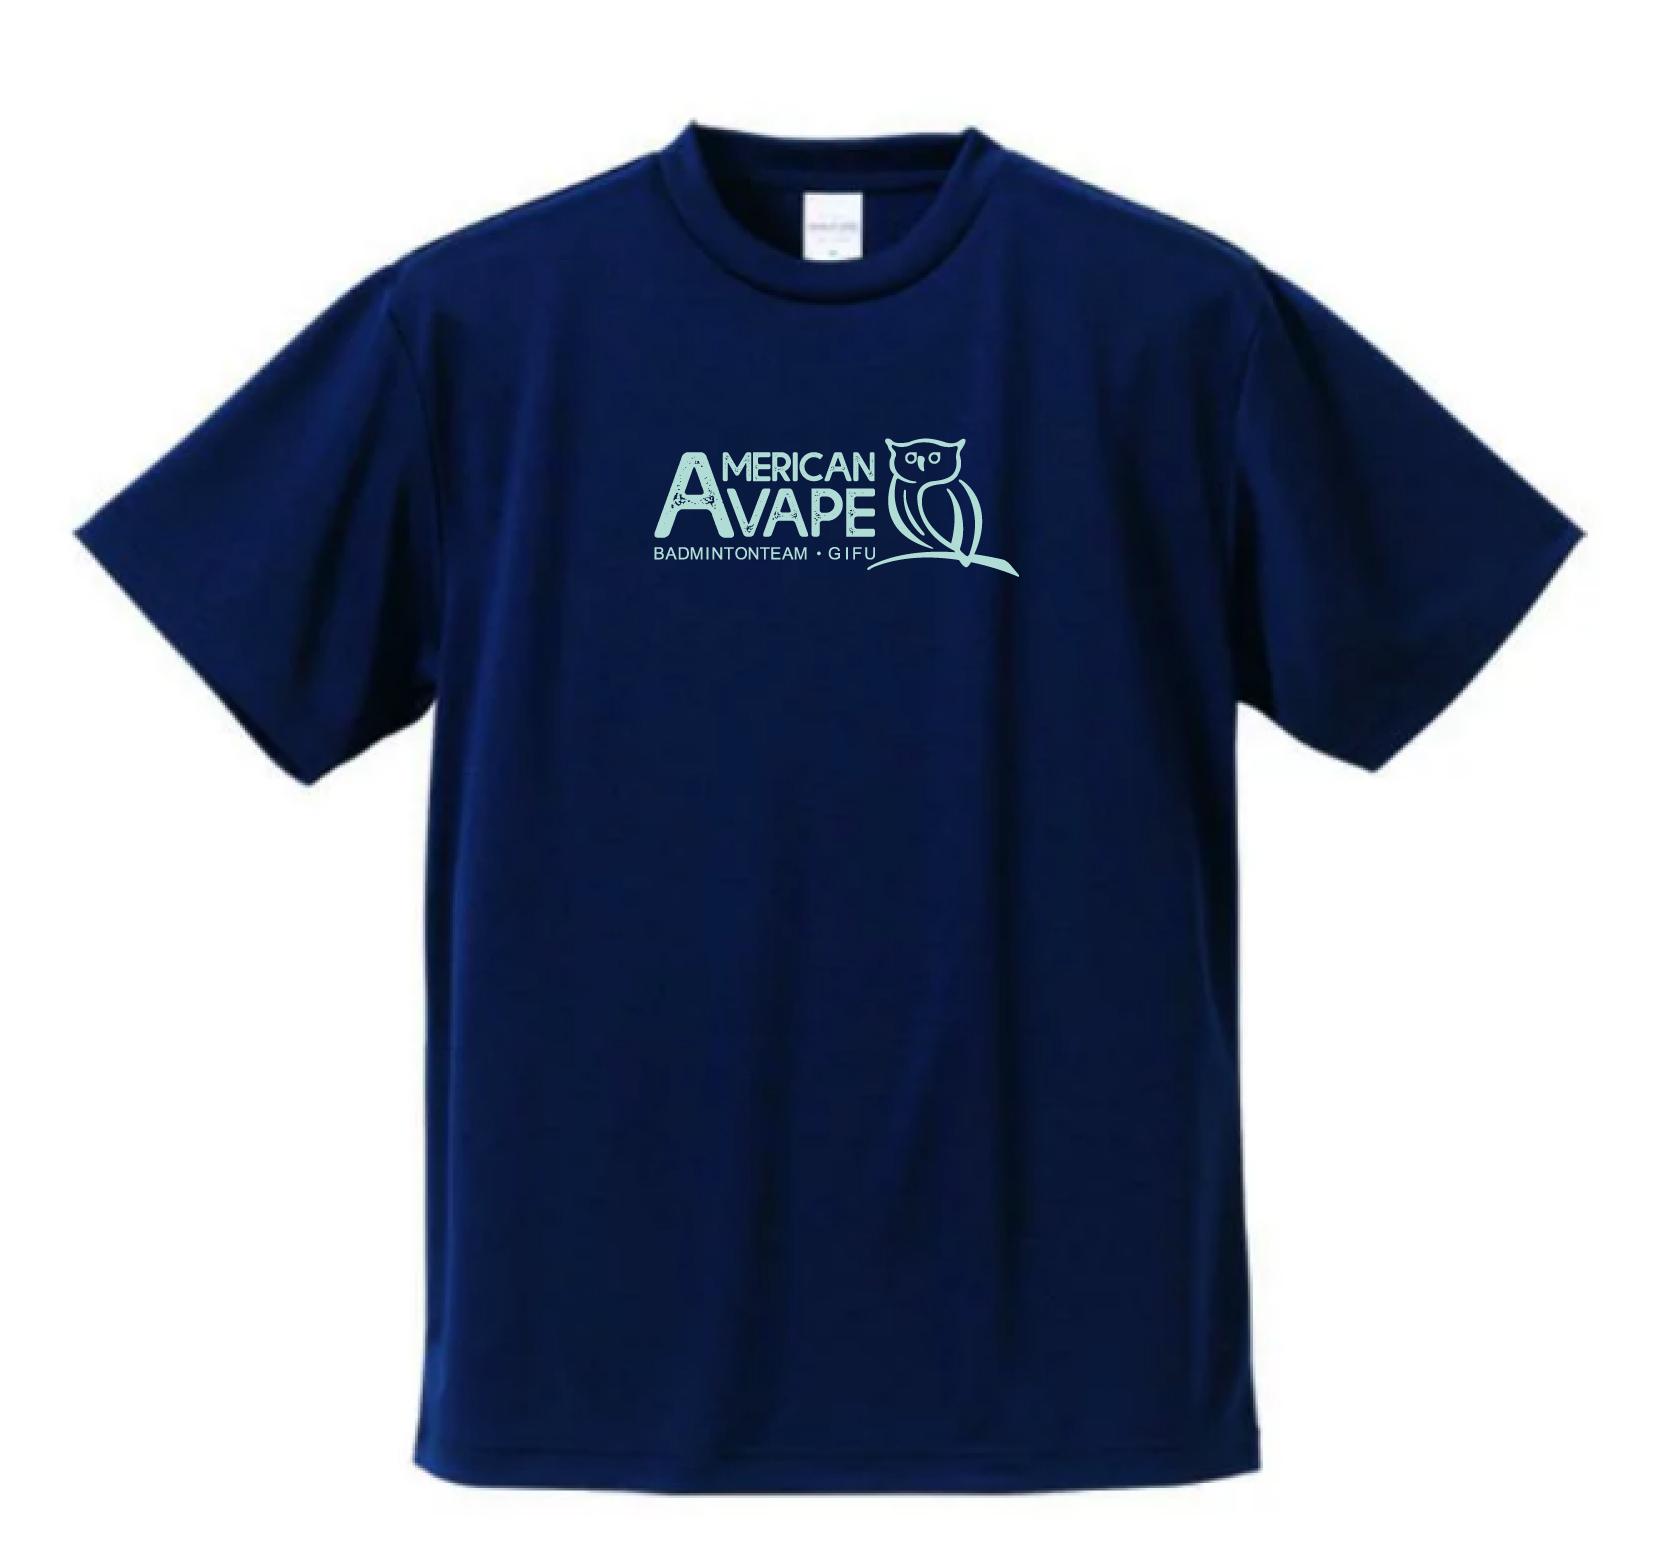 アメリカンベイプバドミントンチーム 公式Tシャツ(フクロウ:ネイビー)